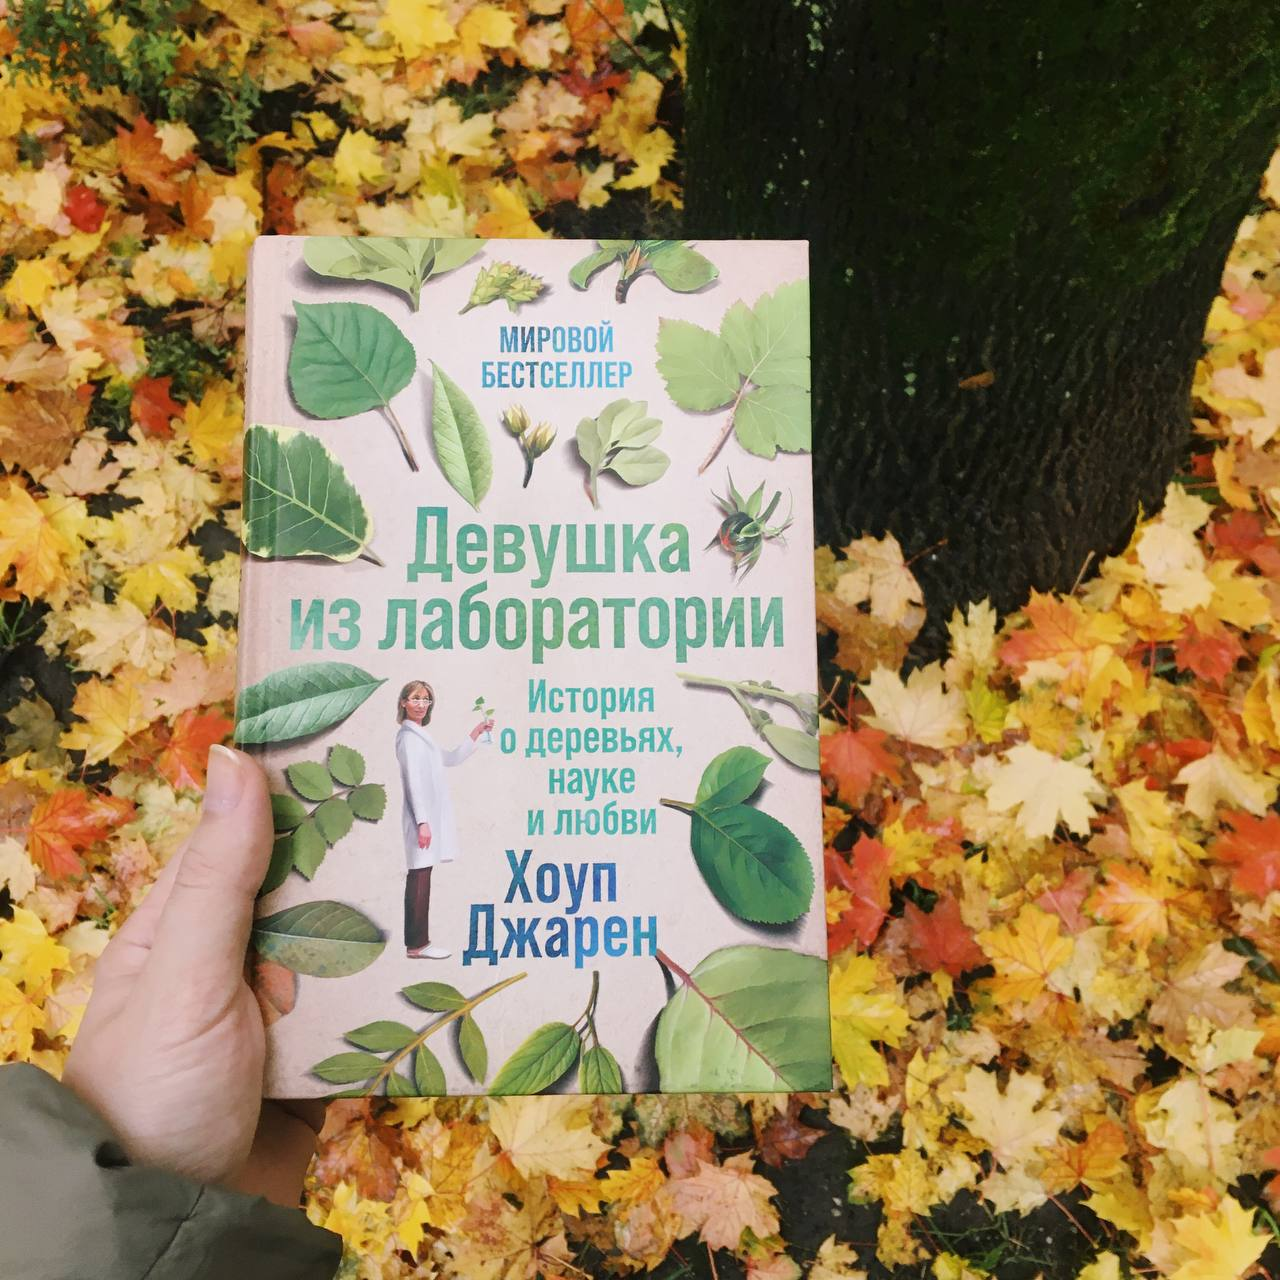 «Девушка из лаборатории. История о деревьях, науке и любви» Хоуп Джарен  Хоуп...